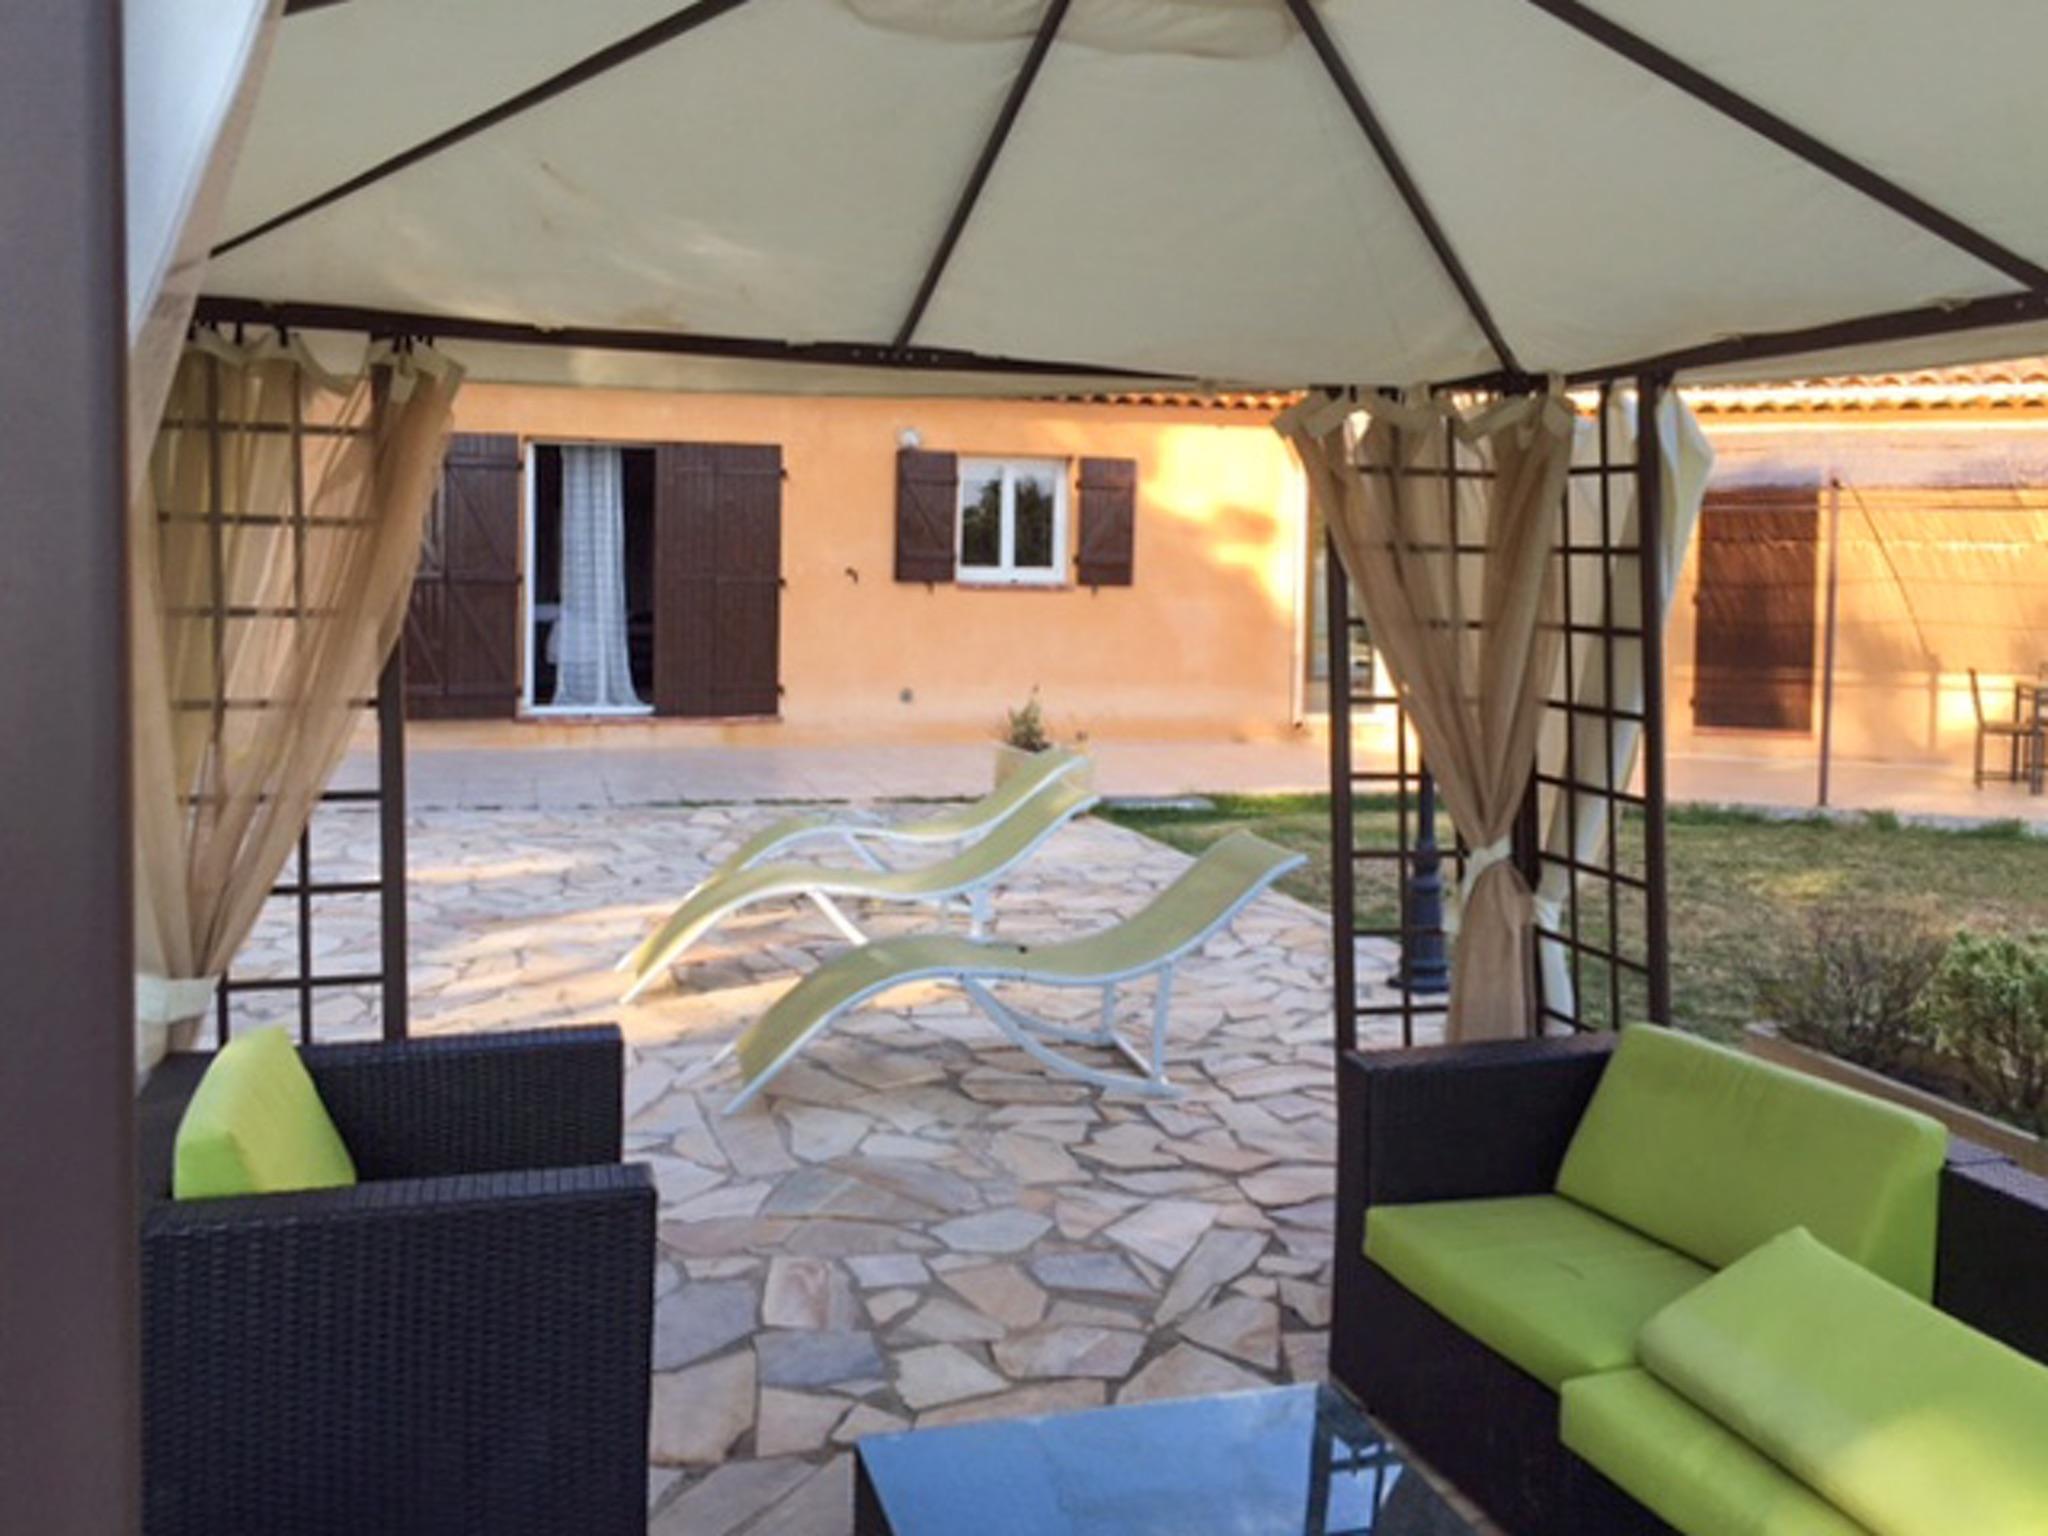 Ferienhaus Haus mit drei Schlafzimmern, Pool, Garten und Terrasse in der Luberon (2201928), Pertuis, Vaucluse, Provence - Alpen - Côte d'Azur, Frankreich, Bild 22